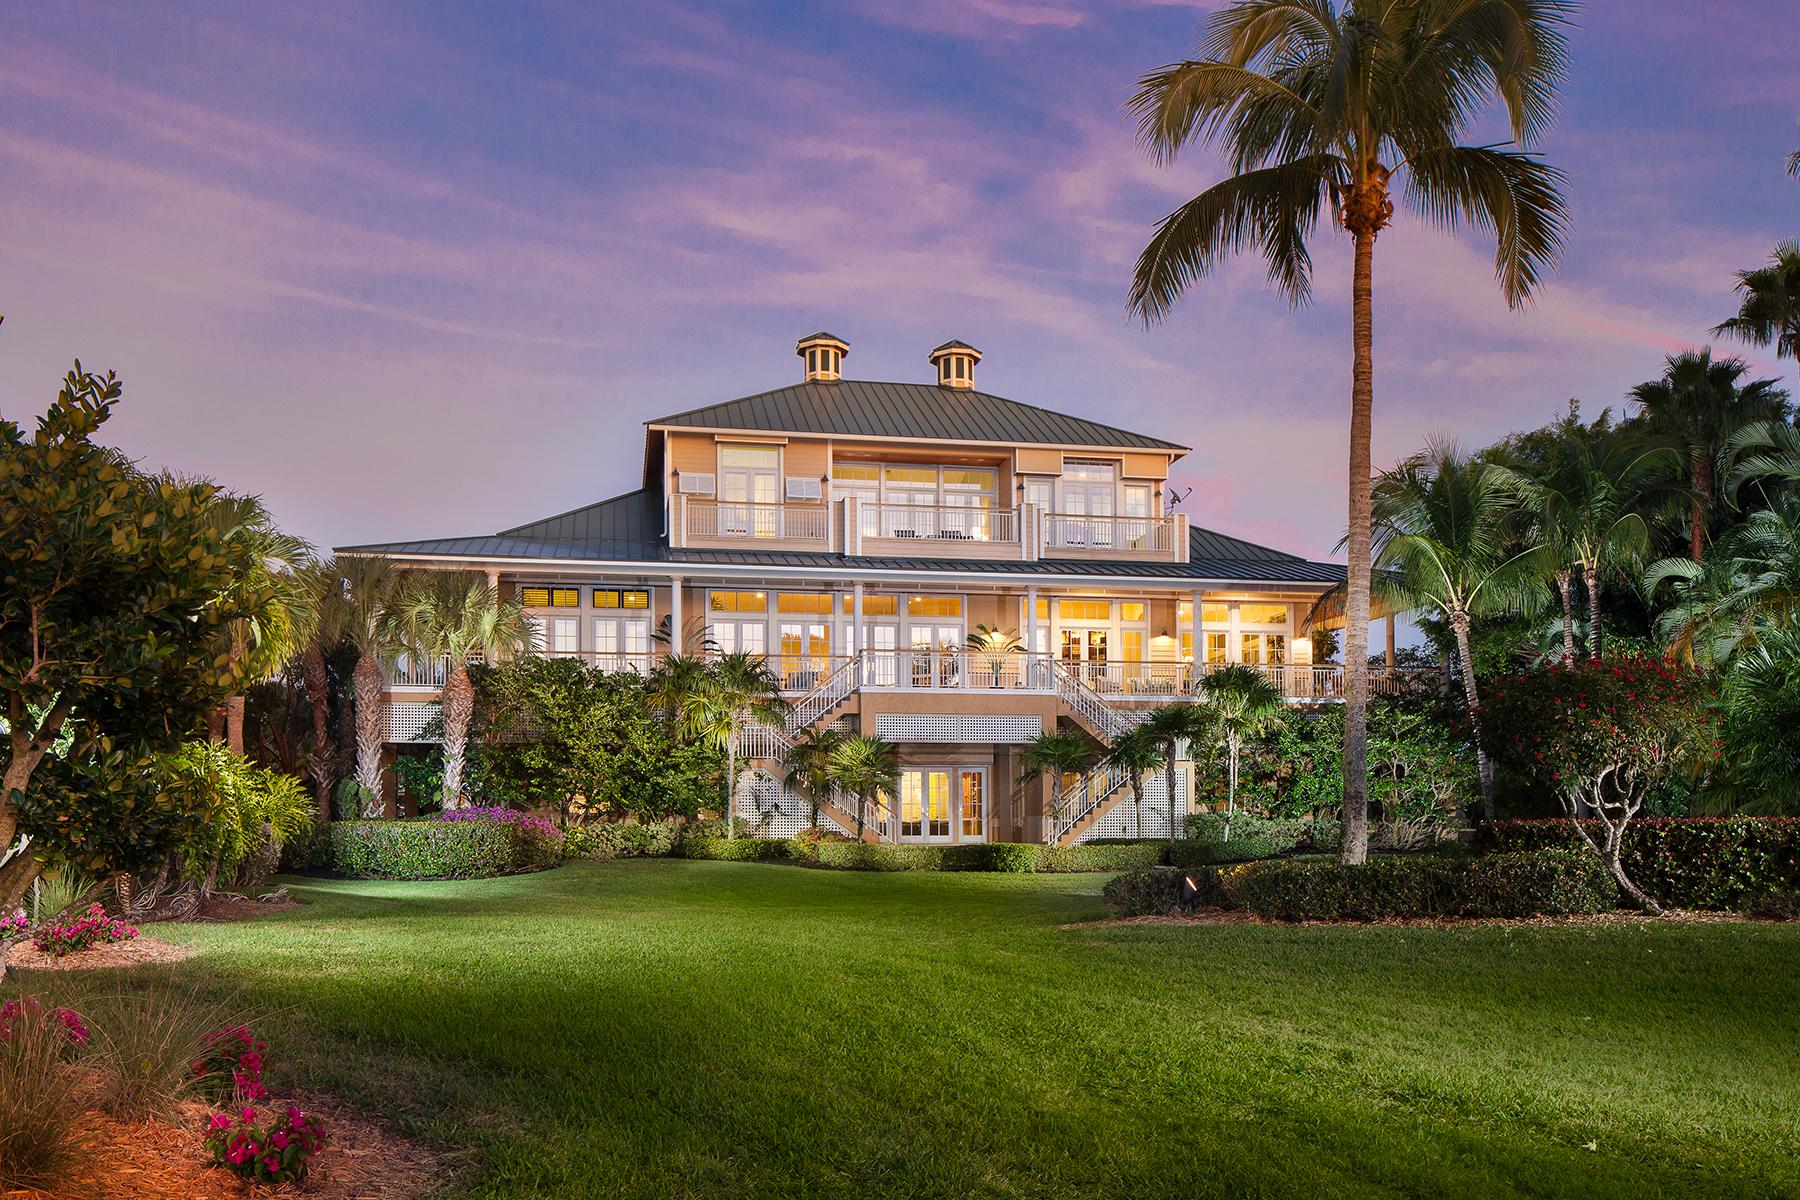 Einfamilienhaus für Verkauf beim Bonita Springs 201 Barefoot Beach Blvd Bonita Springs, Florida, 34134 Vereinigte Staaten